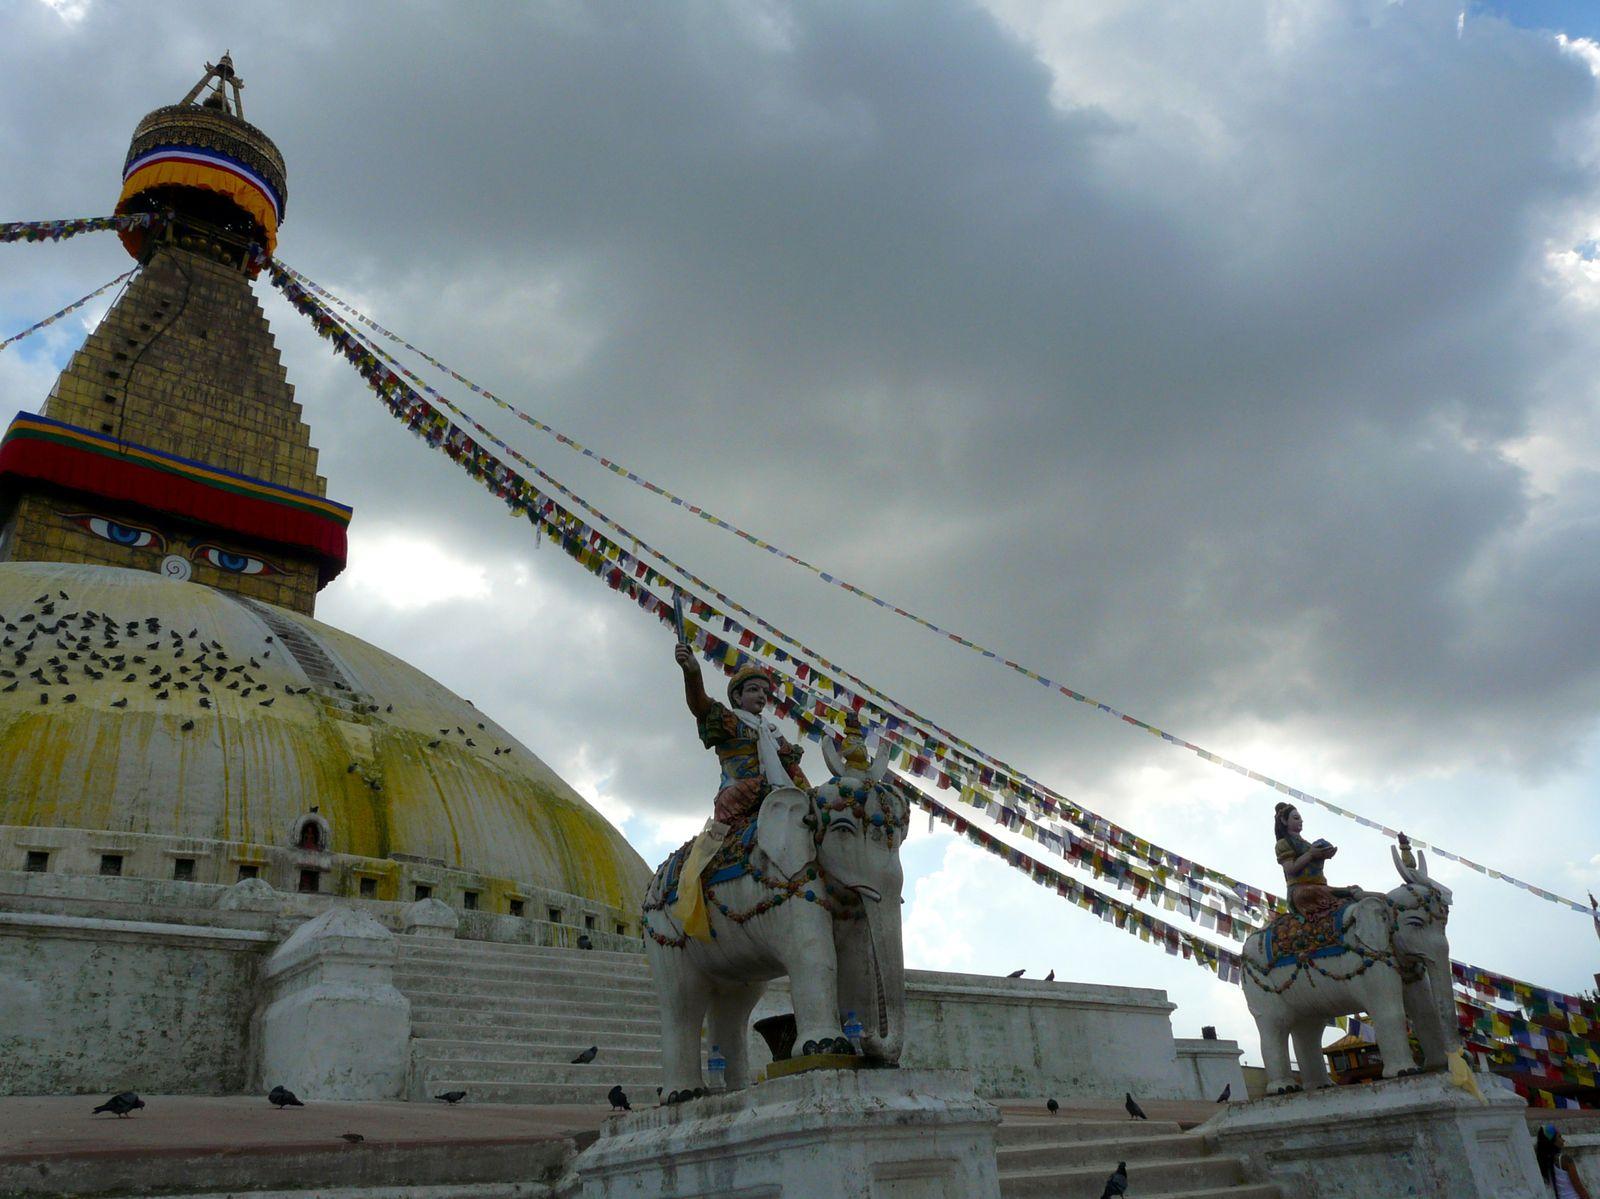 Bodnath, sanctuaire bouddhiste de Katmandou